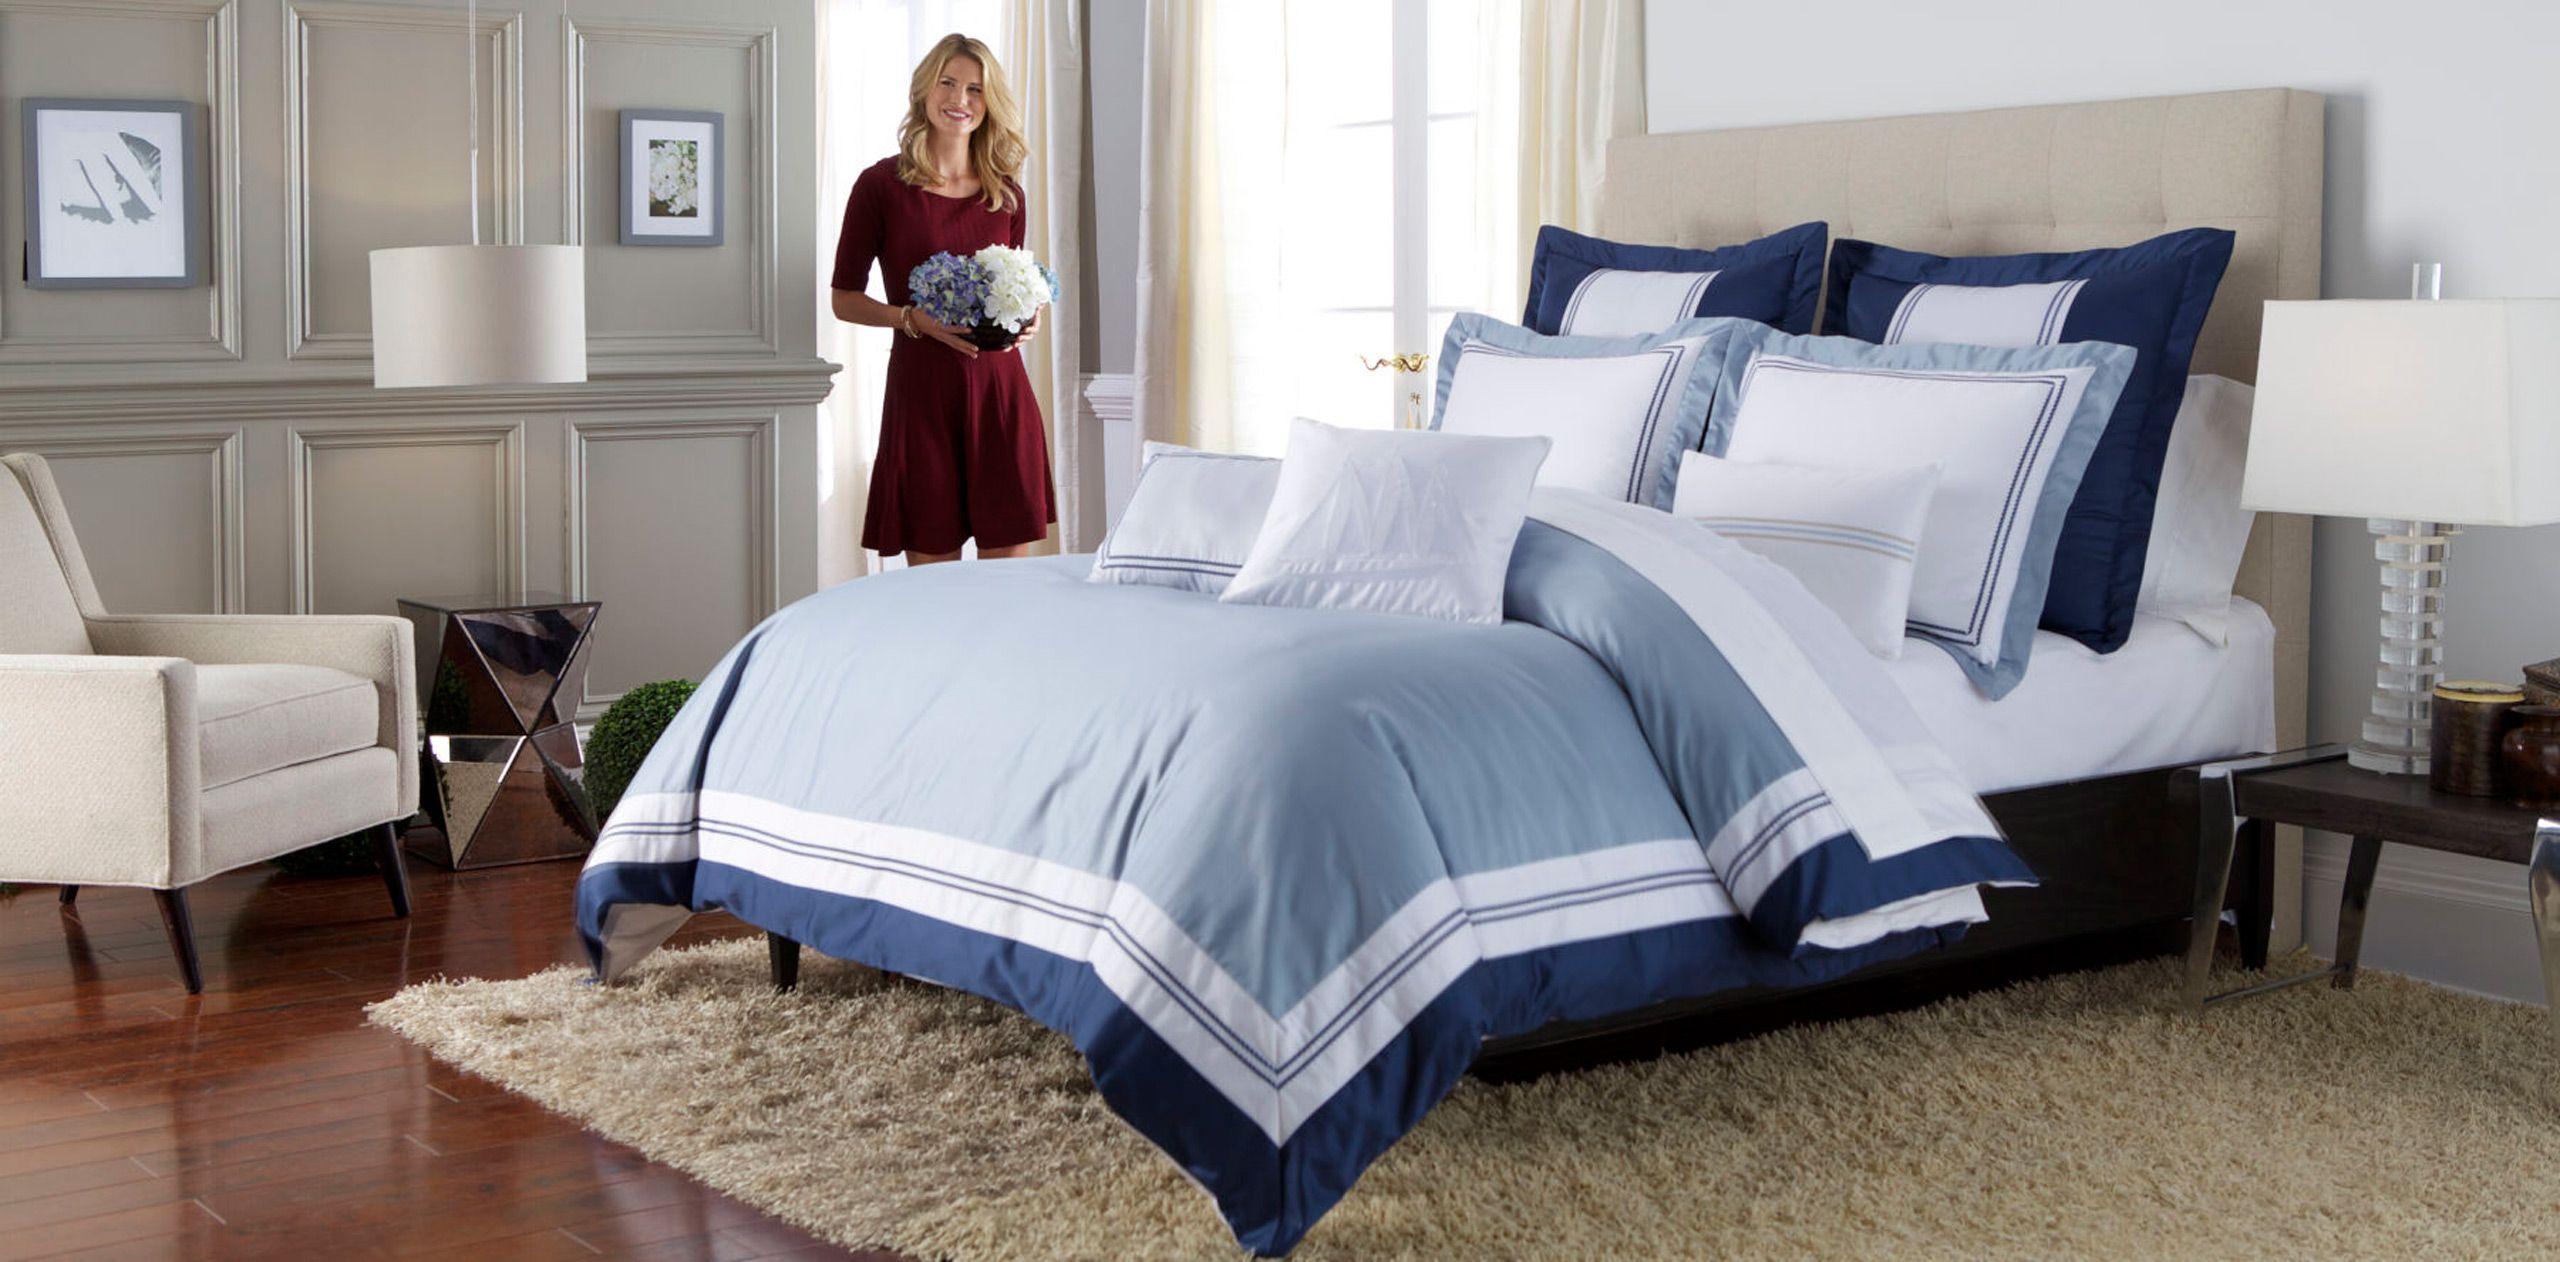 bed-quilt-duvet-2.jpg